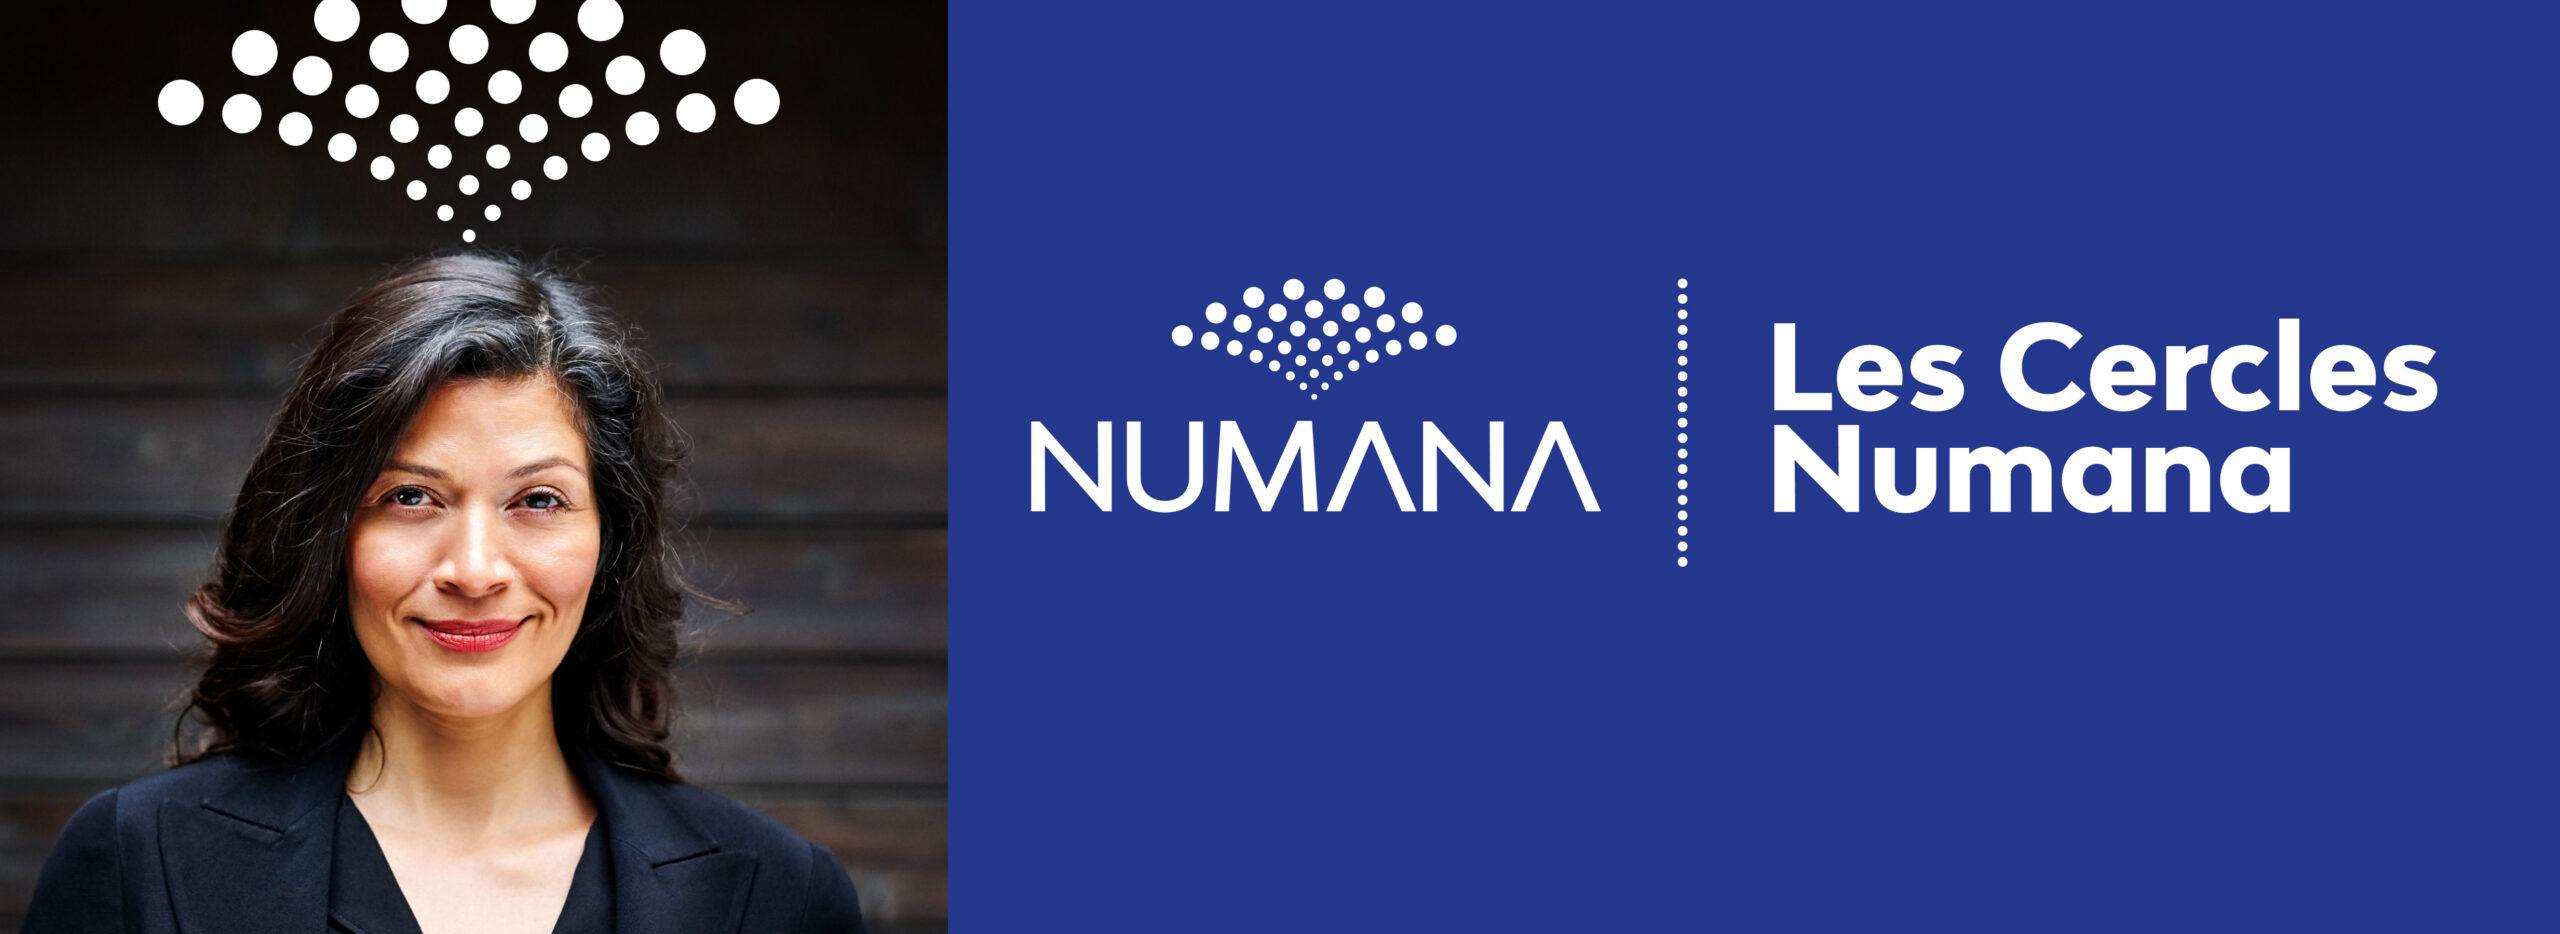 Les cercles Numana